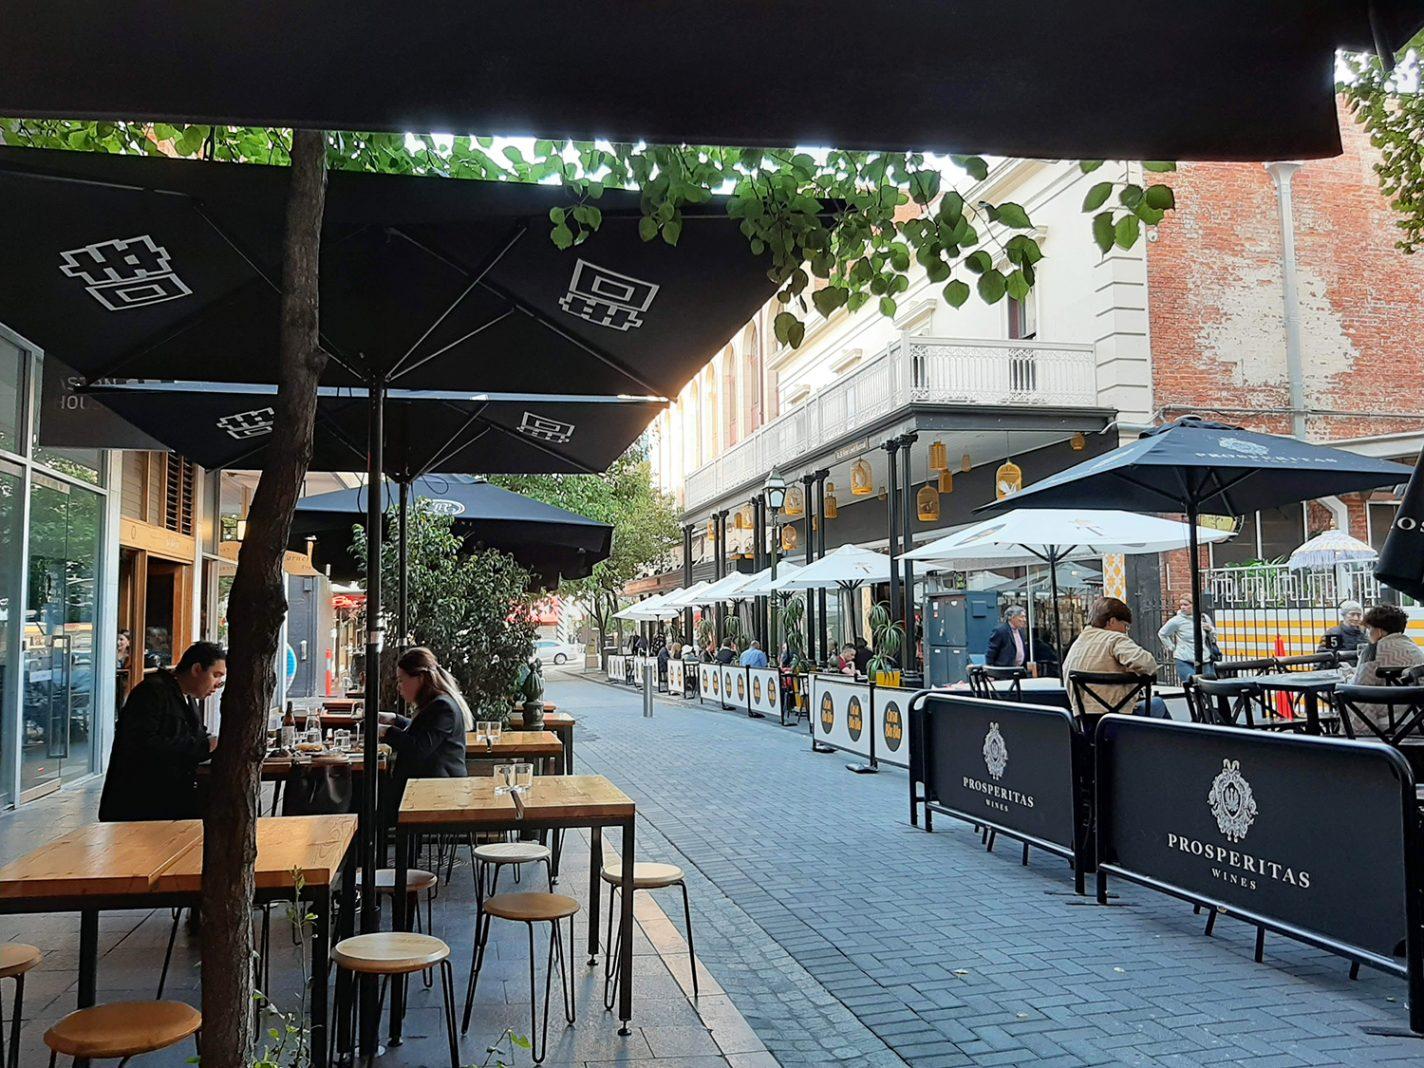 Leigh Street - straat vol met leuke restaurantjes